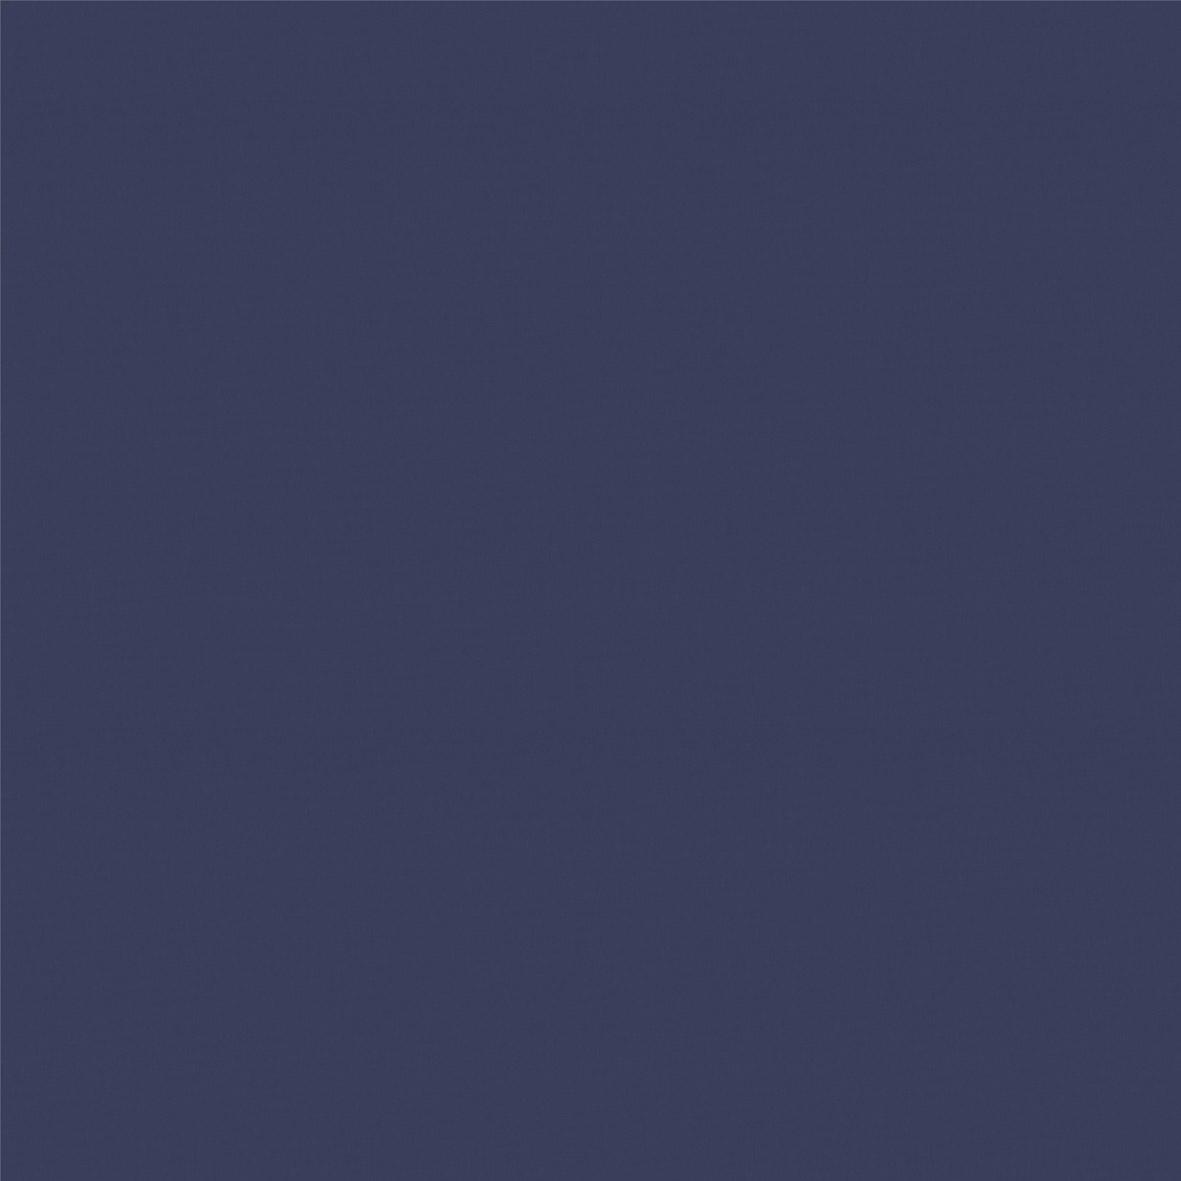 Roller_Swatch_Palette_DarkBlue_RE0044